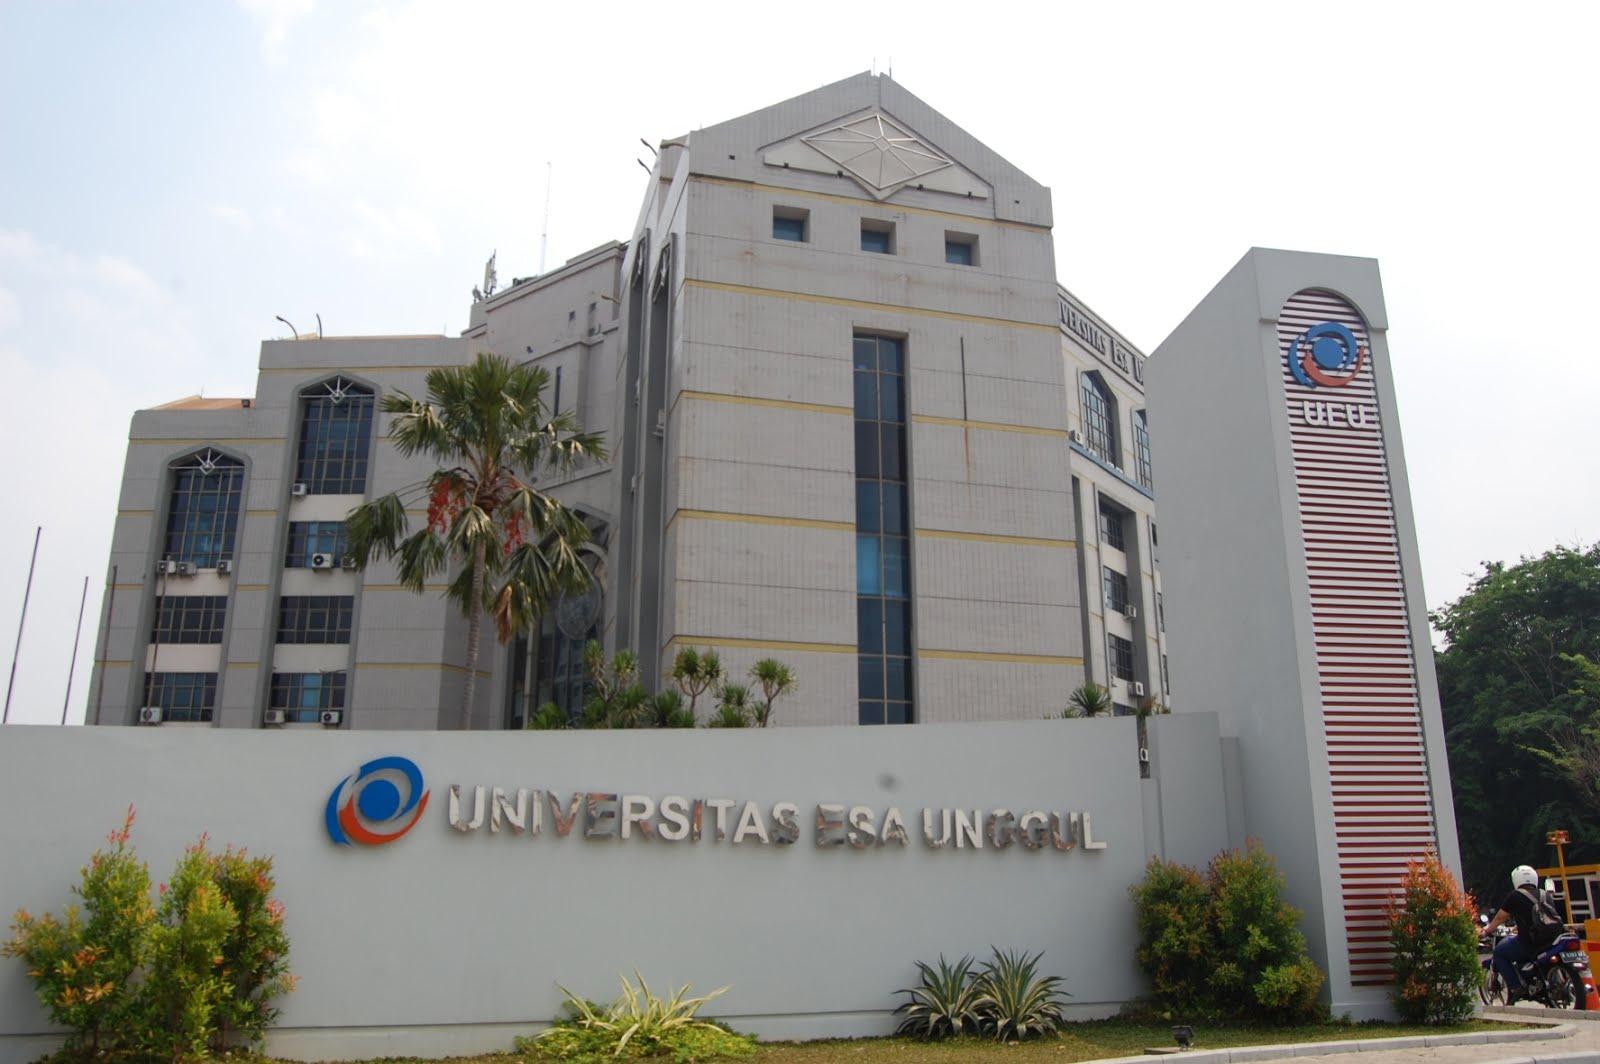 Biaya Kuliah Universitas Esa Unggul (UEU) Jakarta Tahun 2019/2020